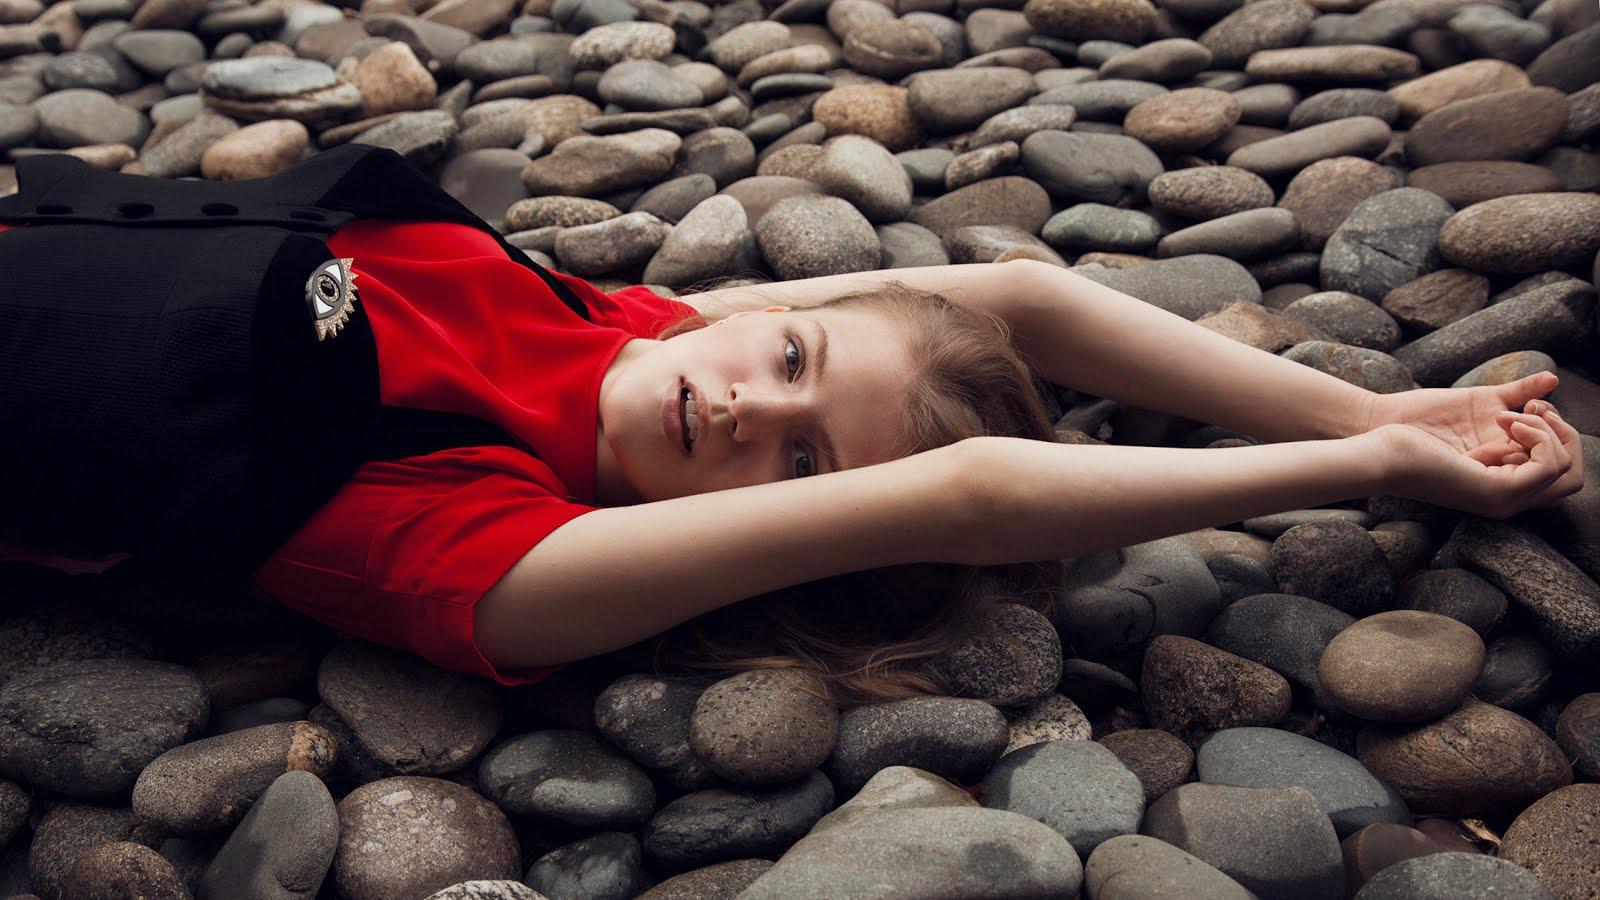 девушка на пляже, шоу рум RED, выдача вещей на съемки